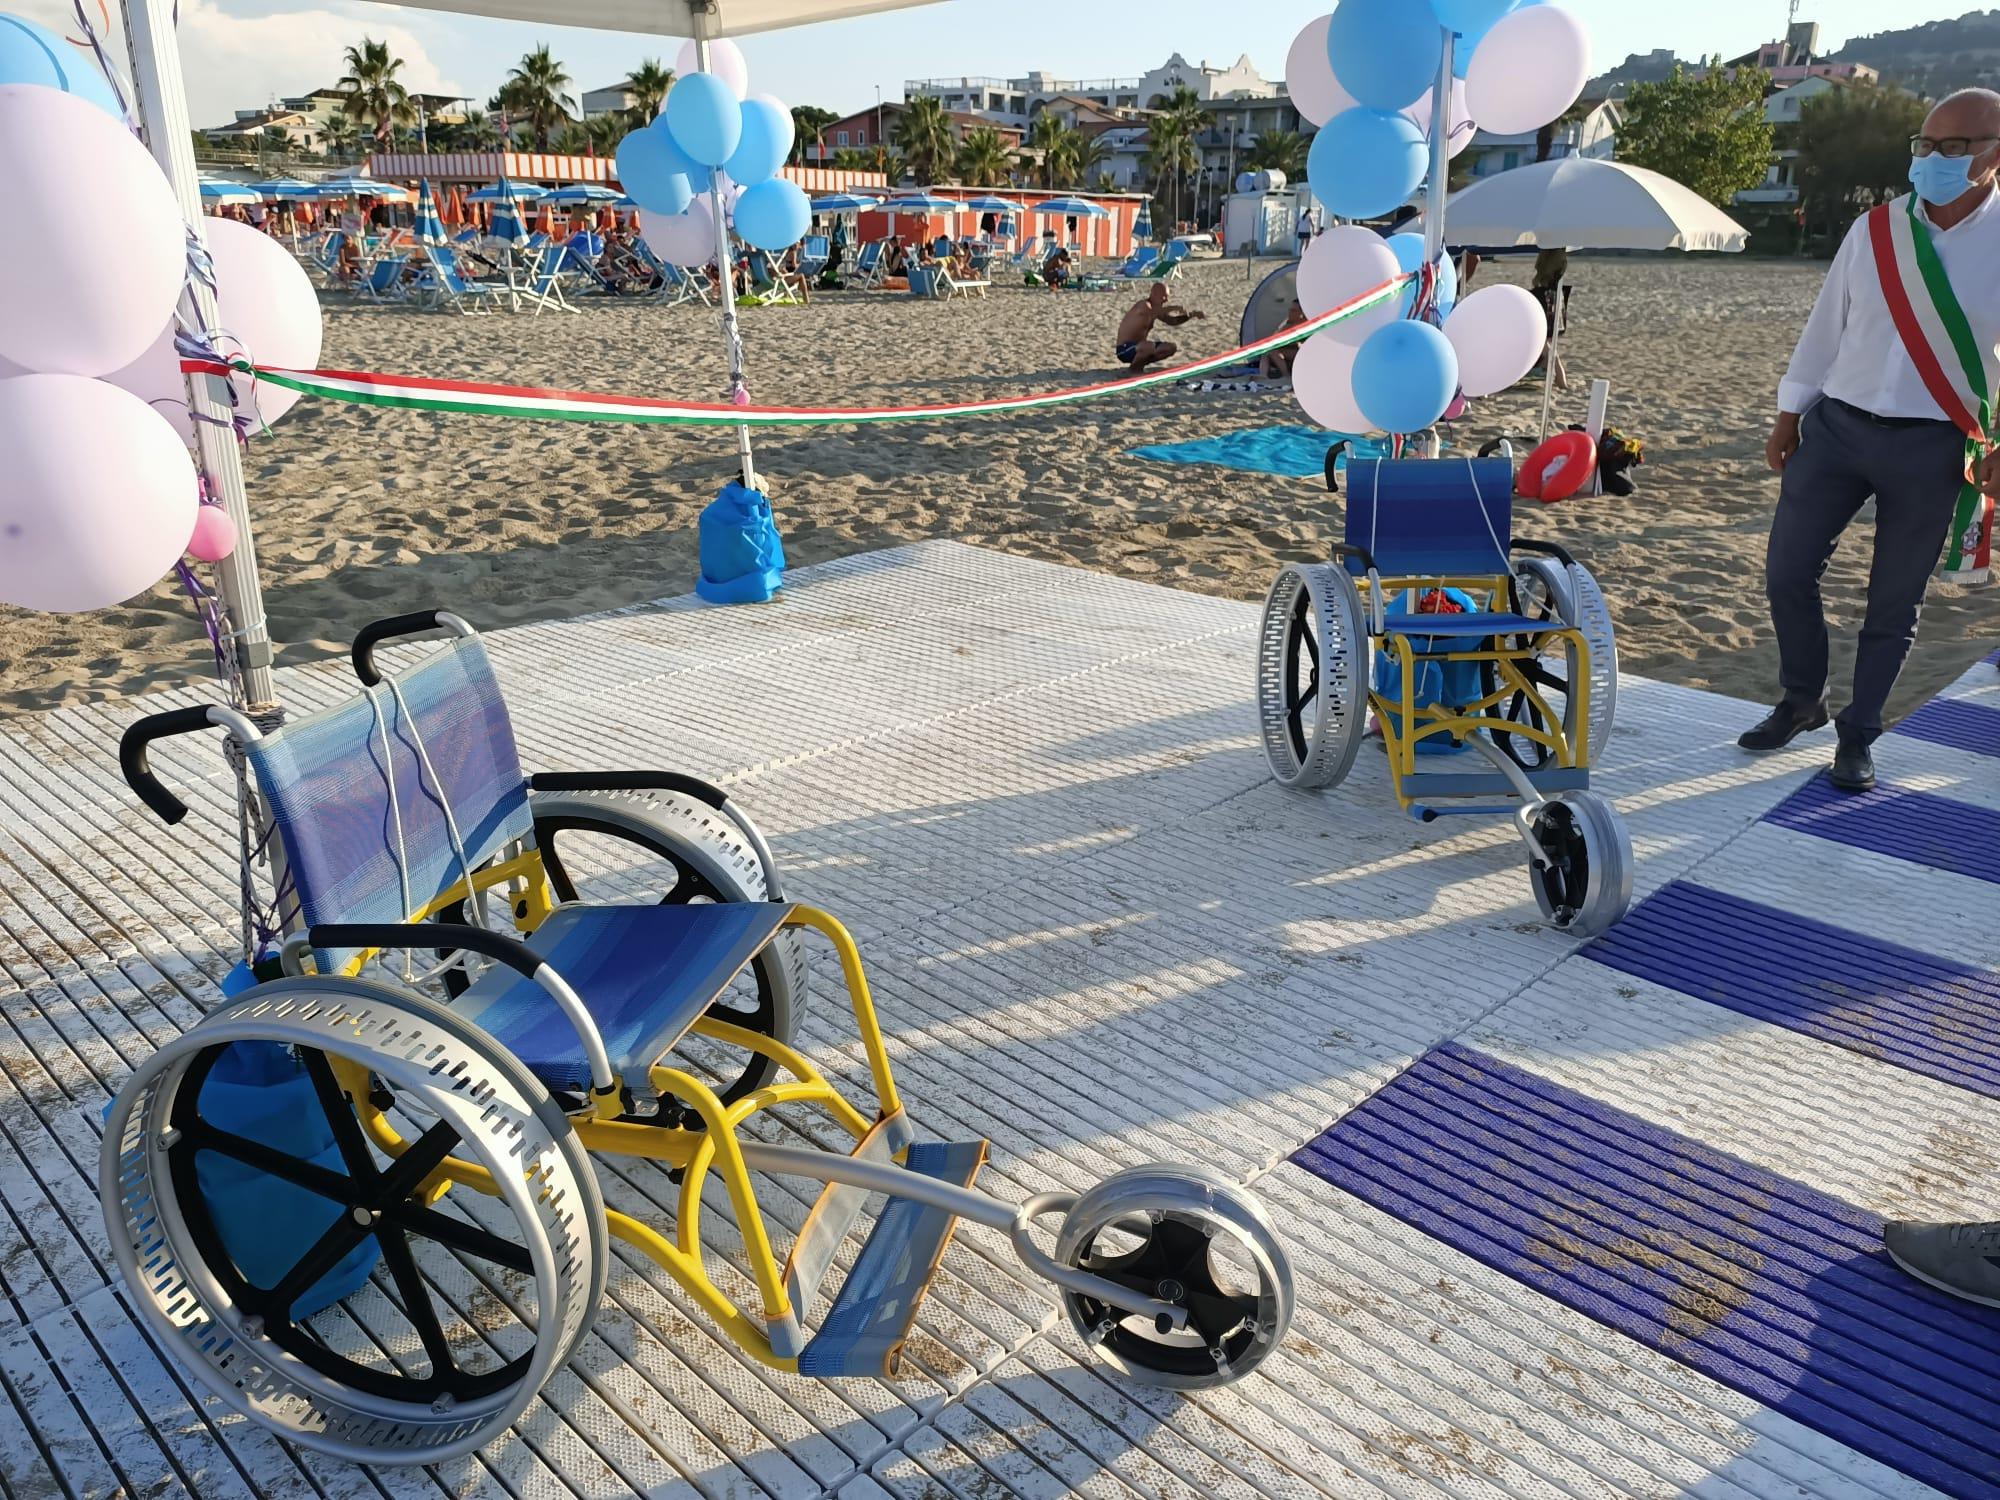 """Tortoreto, """"il mare per tutti"""": nasce una nuova postazione per i disabili FOTO"""